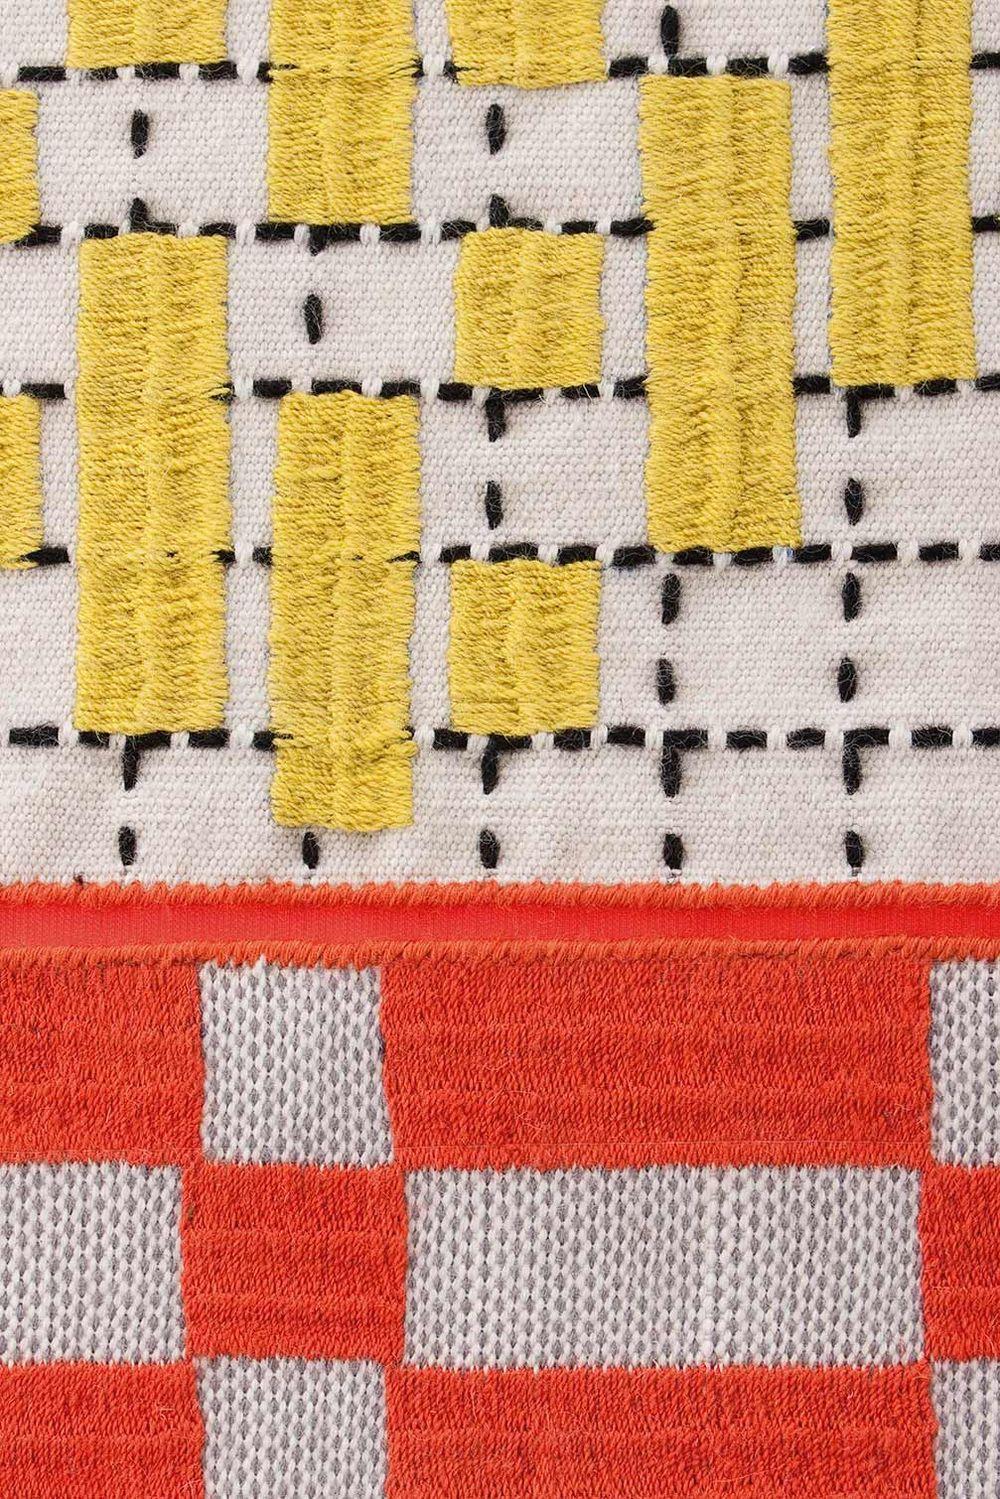 alfombra-rug-marca-gan-gandia-color-bandas-patricia-urquiola-detalle-3